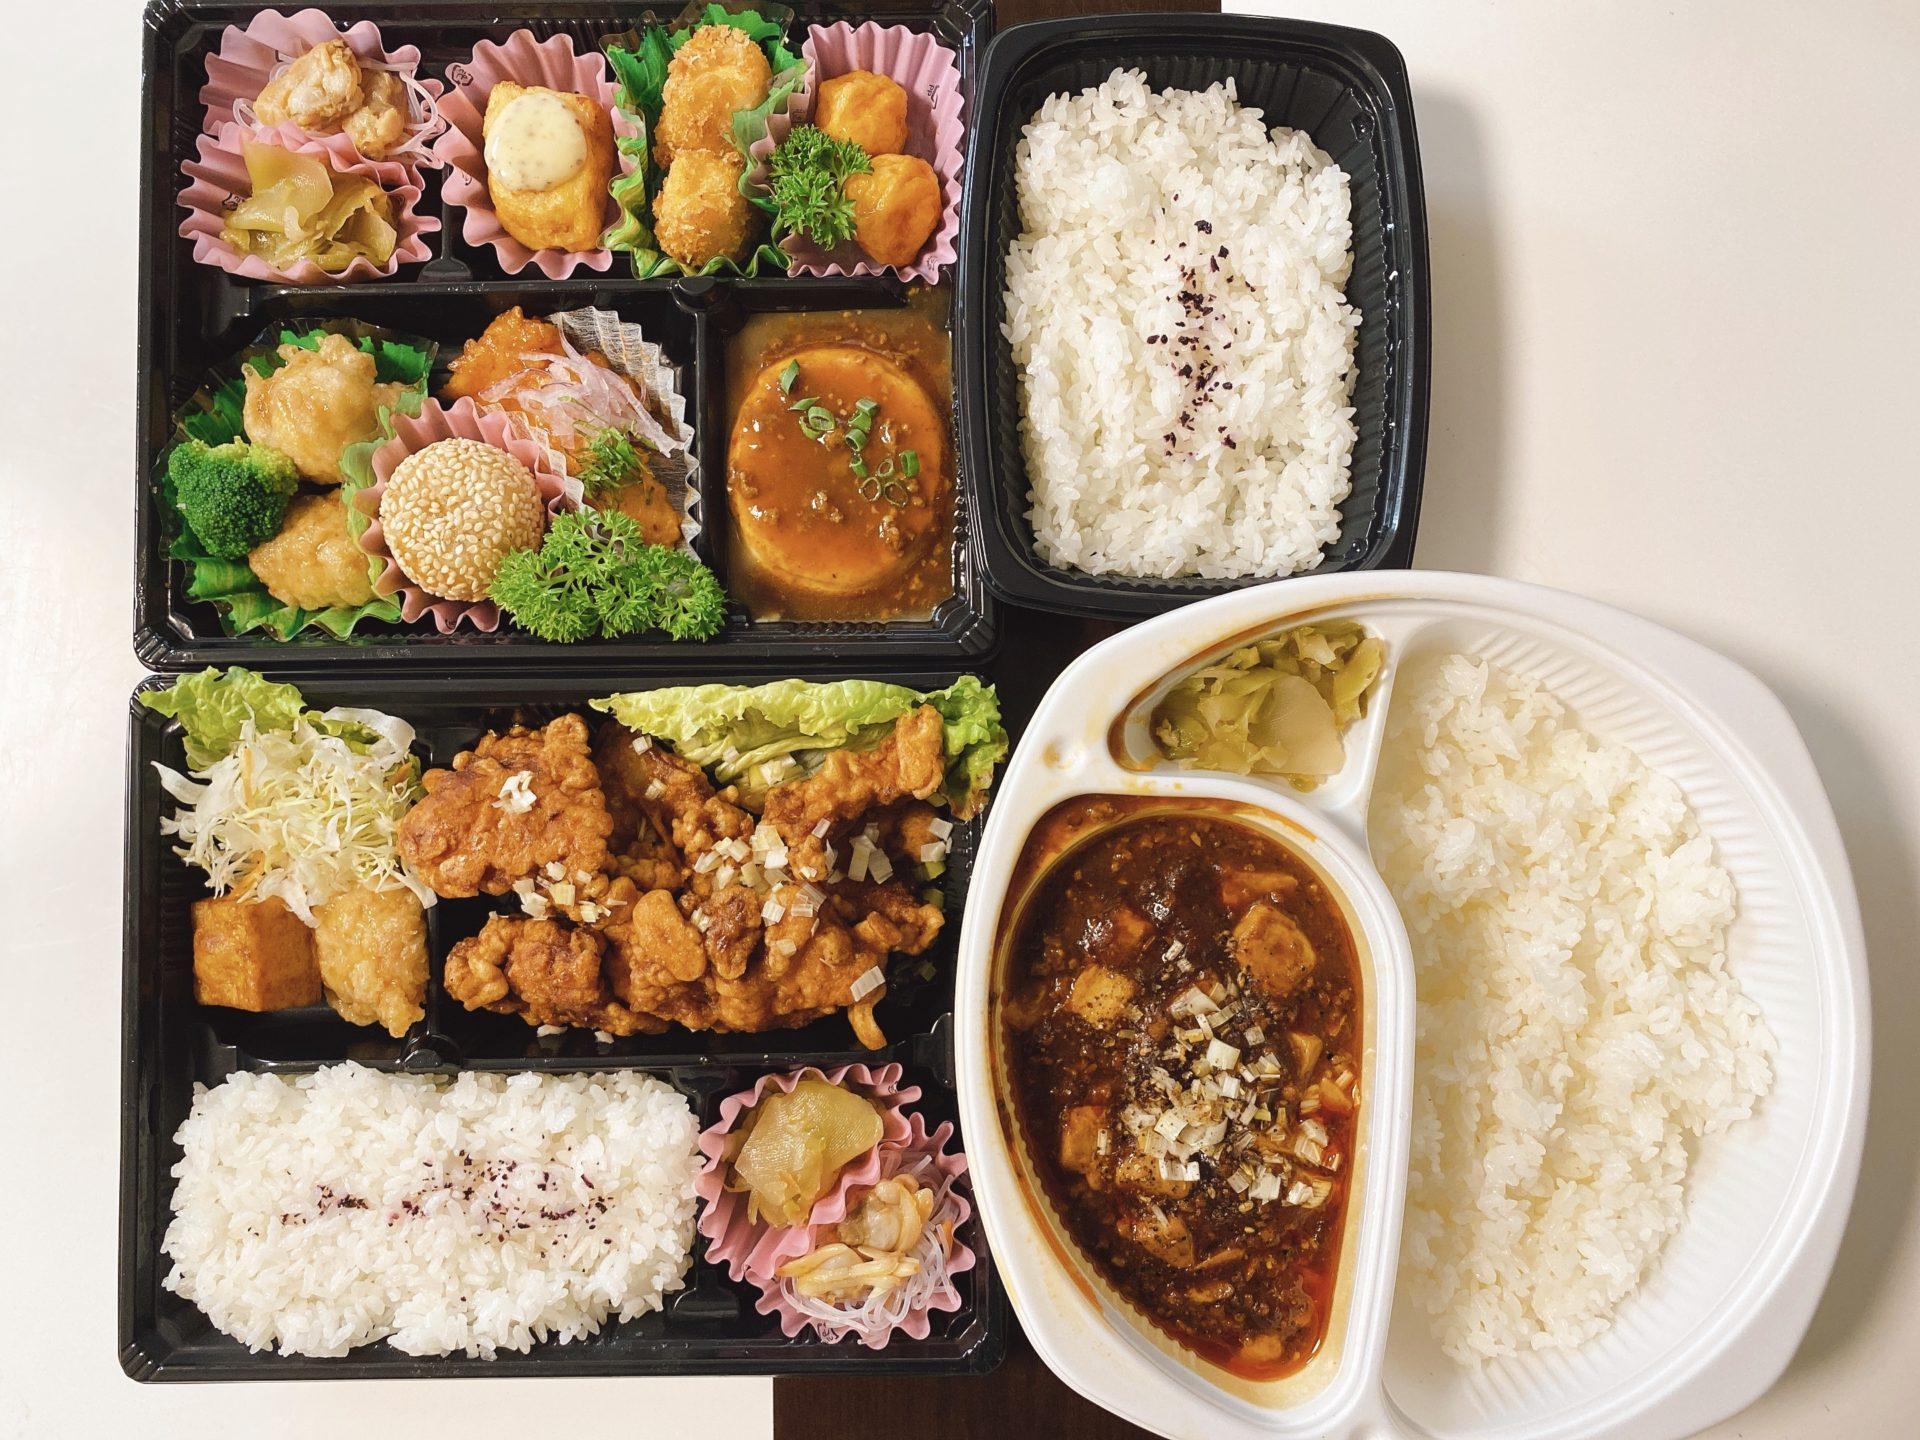 【岡山市中区のテイクアウト】大多羅駅から車で5分 中国食彩厨房 龍の髭のテイクアウトランチで、美味しい中華が自宅で食べられる!